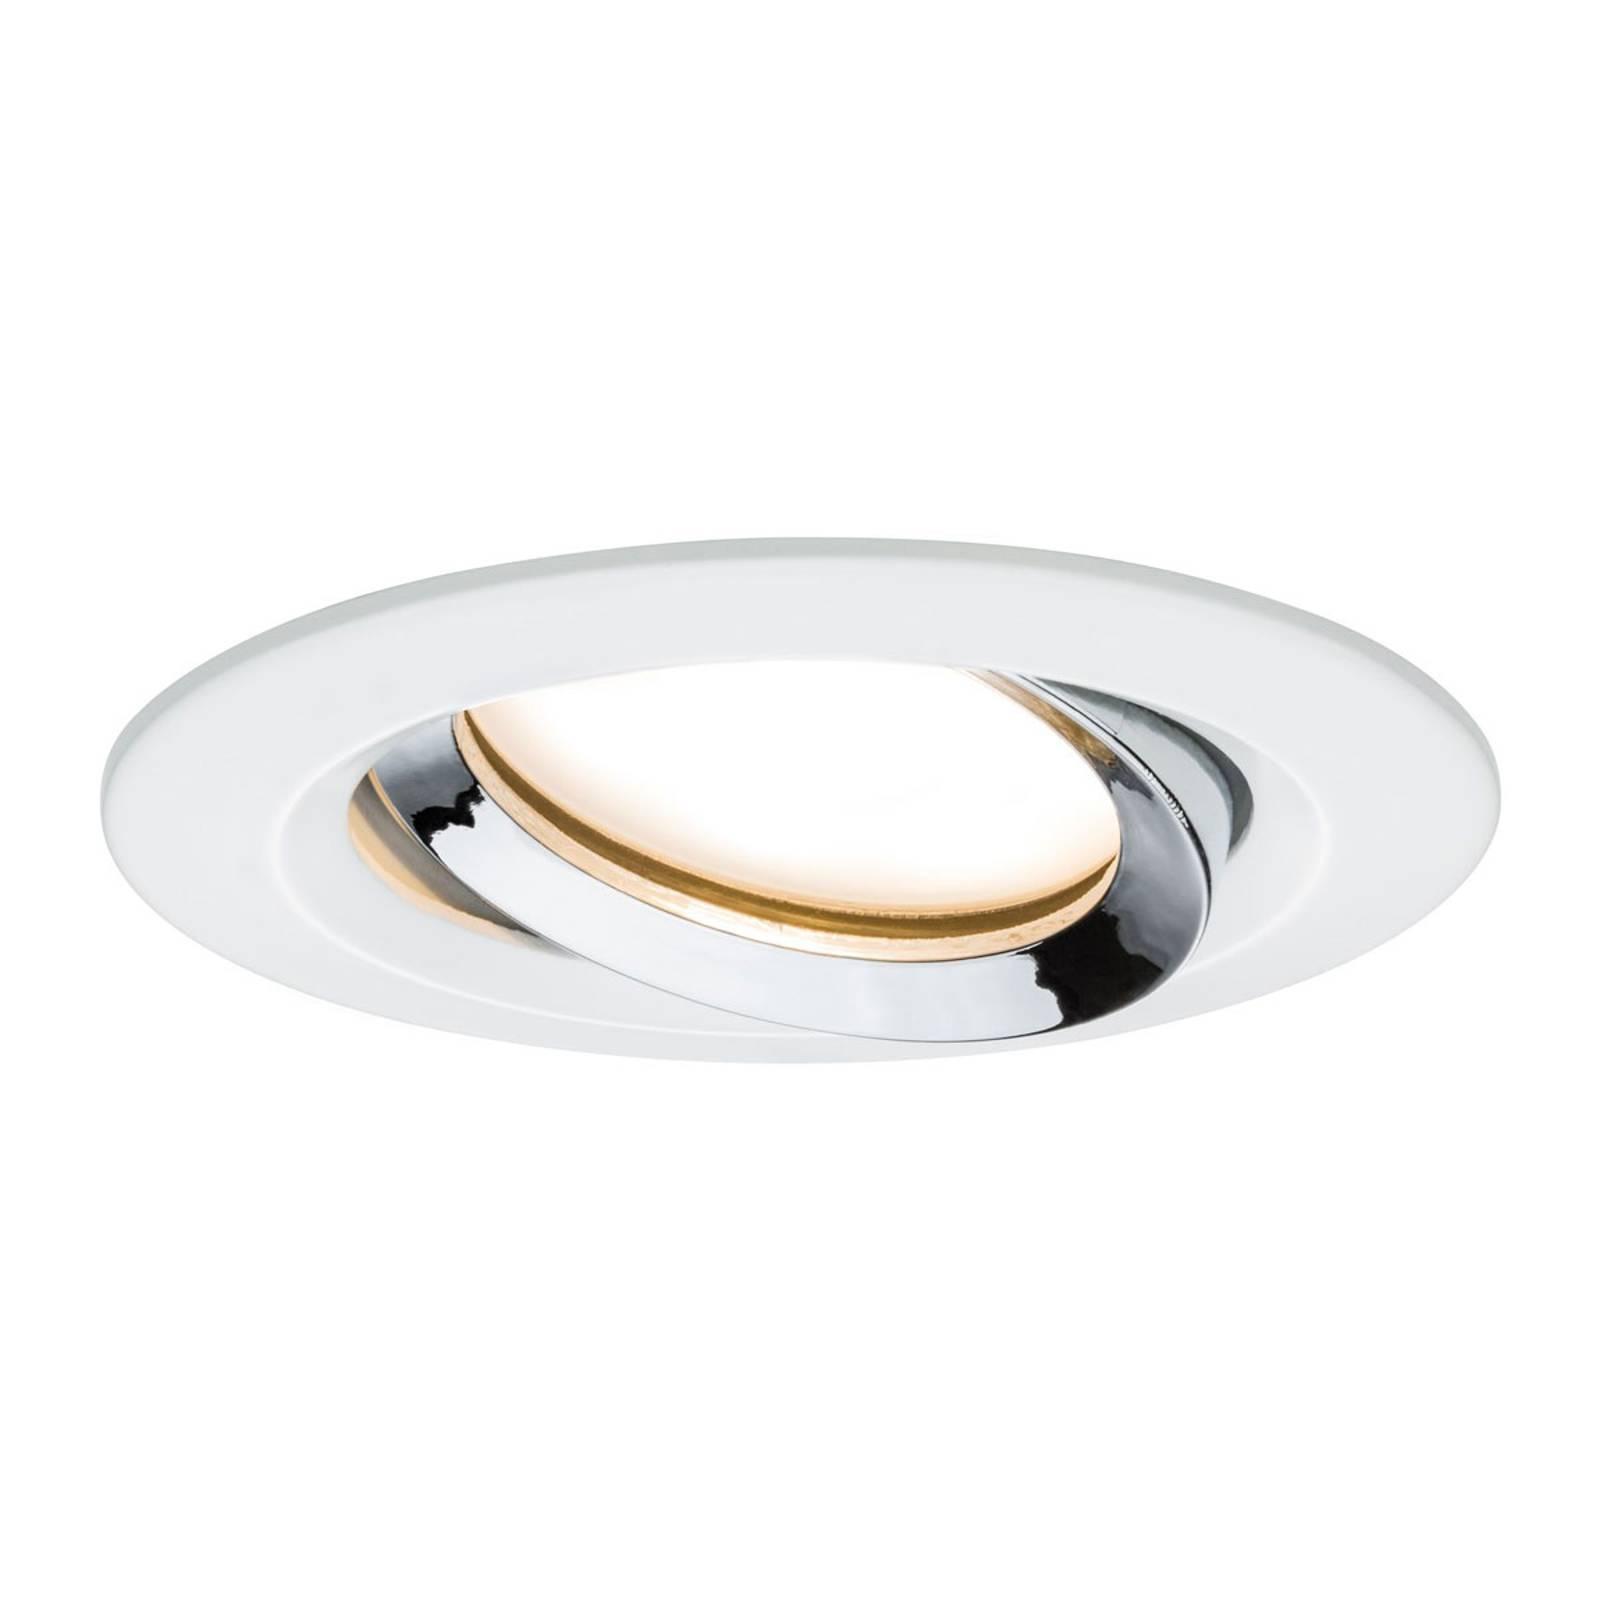 Paulmann Nova Plus -LED-spotti, valkoinen-kromi